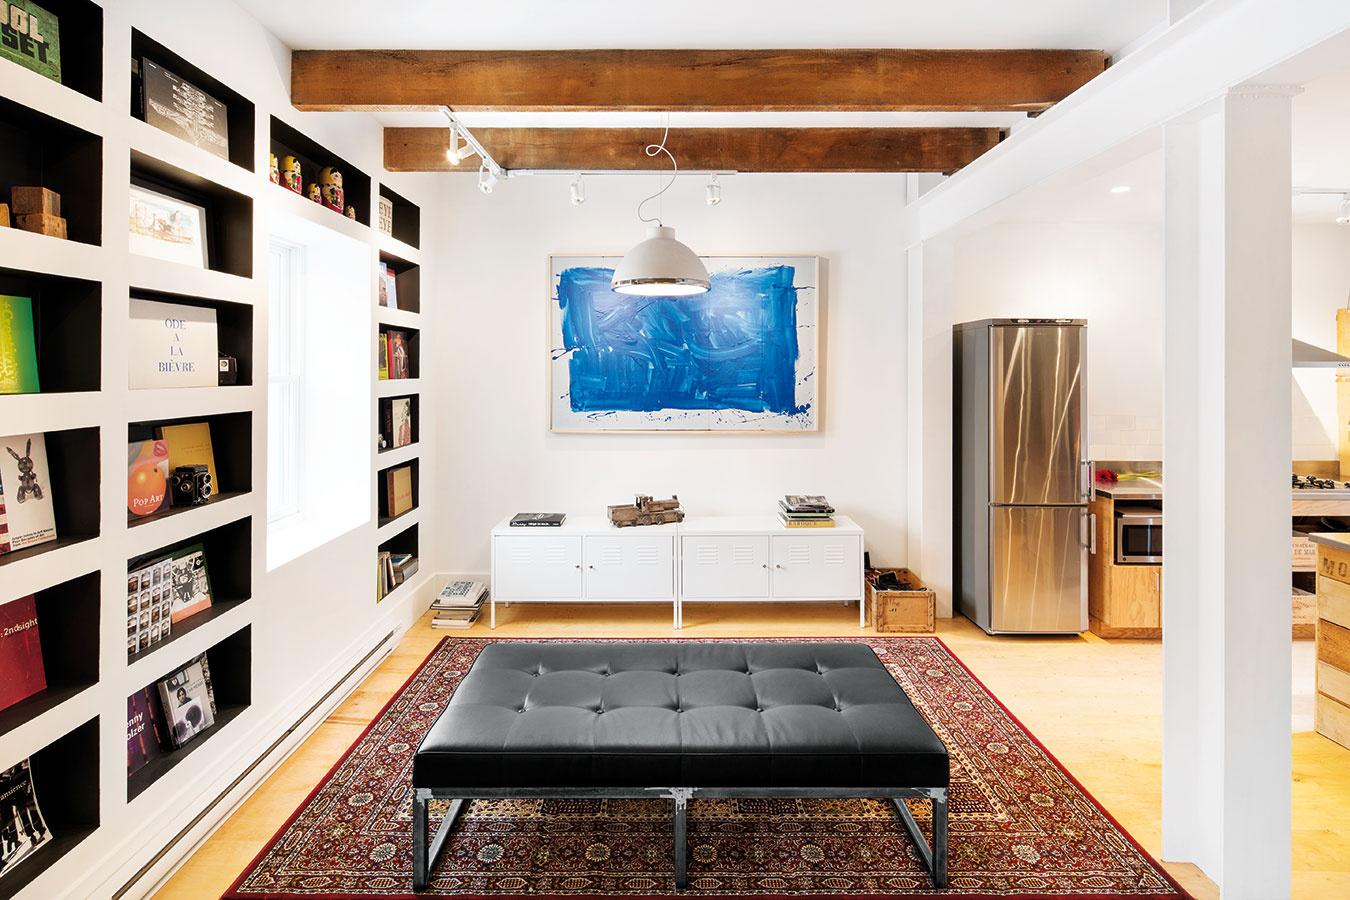 Obývačka netradične. Priestor obývačky vyriešili autori trochu neobvykle – namiesto klasickej pohovky zvolili univerzálne využiteľné jednoduché sedenie bez operadla, televíziu nahradil obraz supokojujúcou modrou farbou.